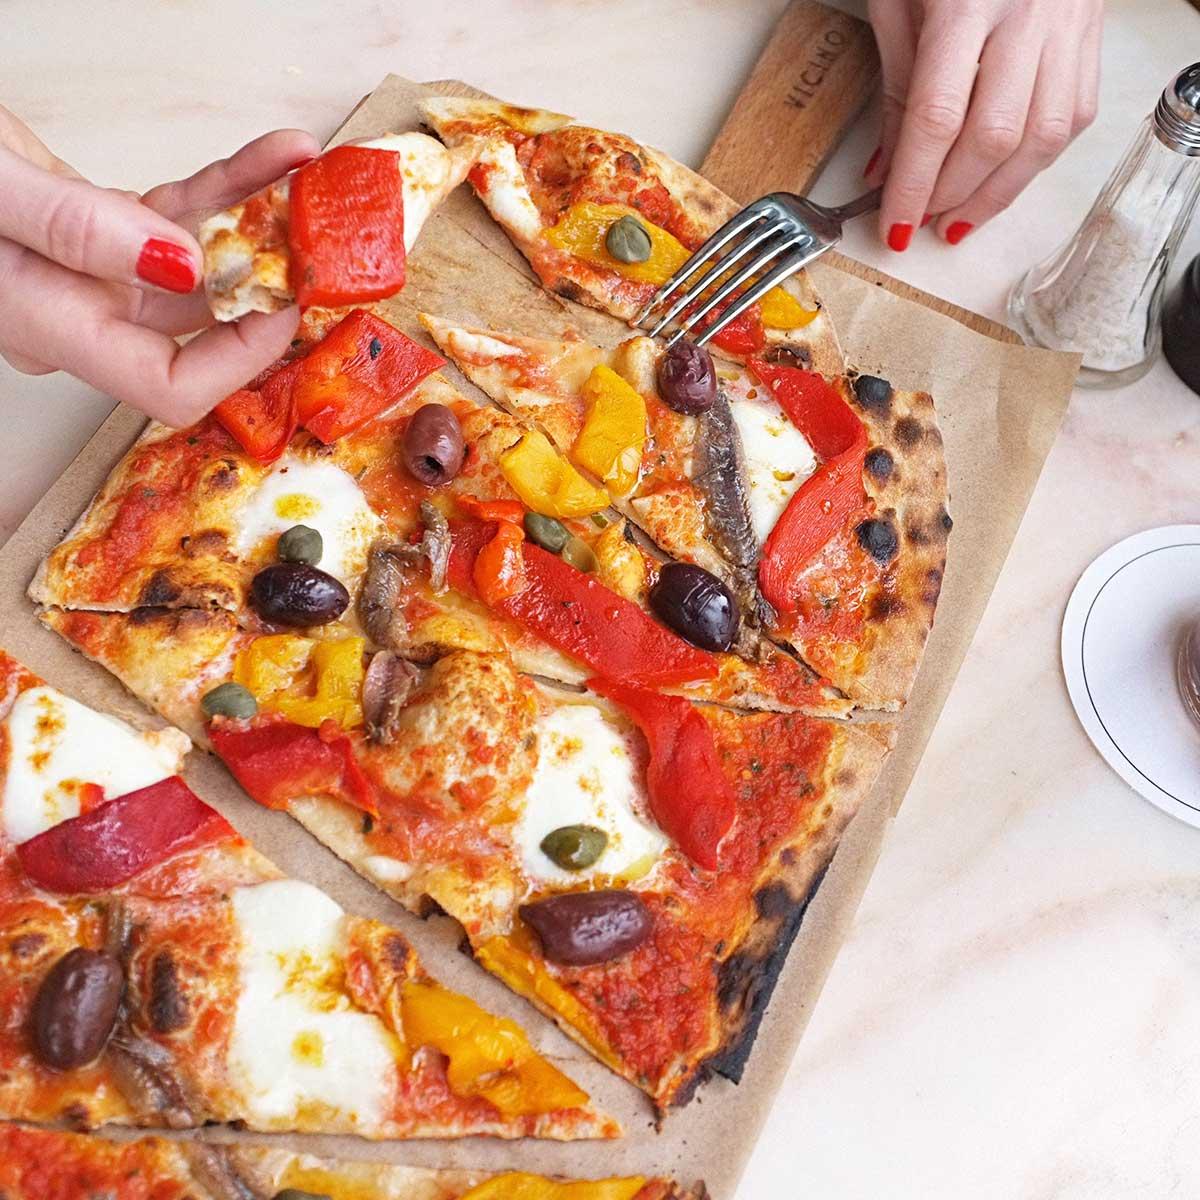 pizzetta-marzo-serenata-vicino-rockinchiclifestyle